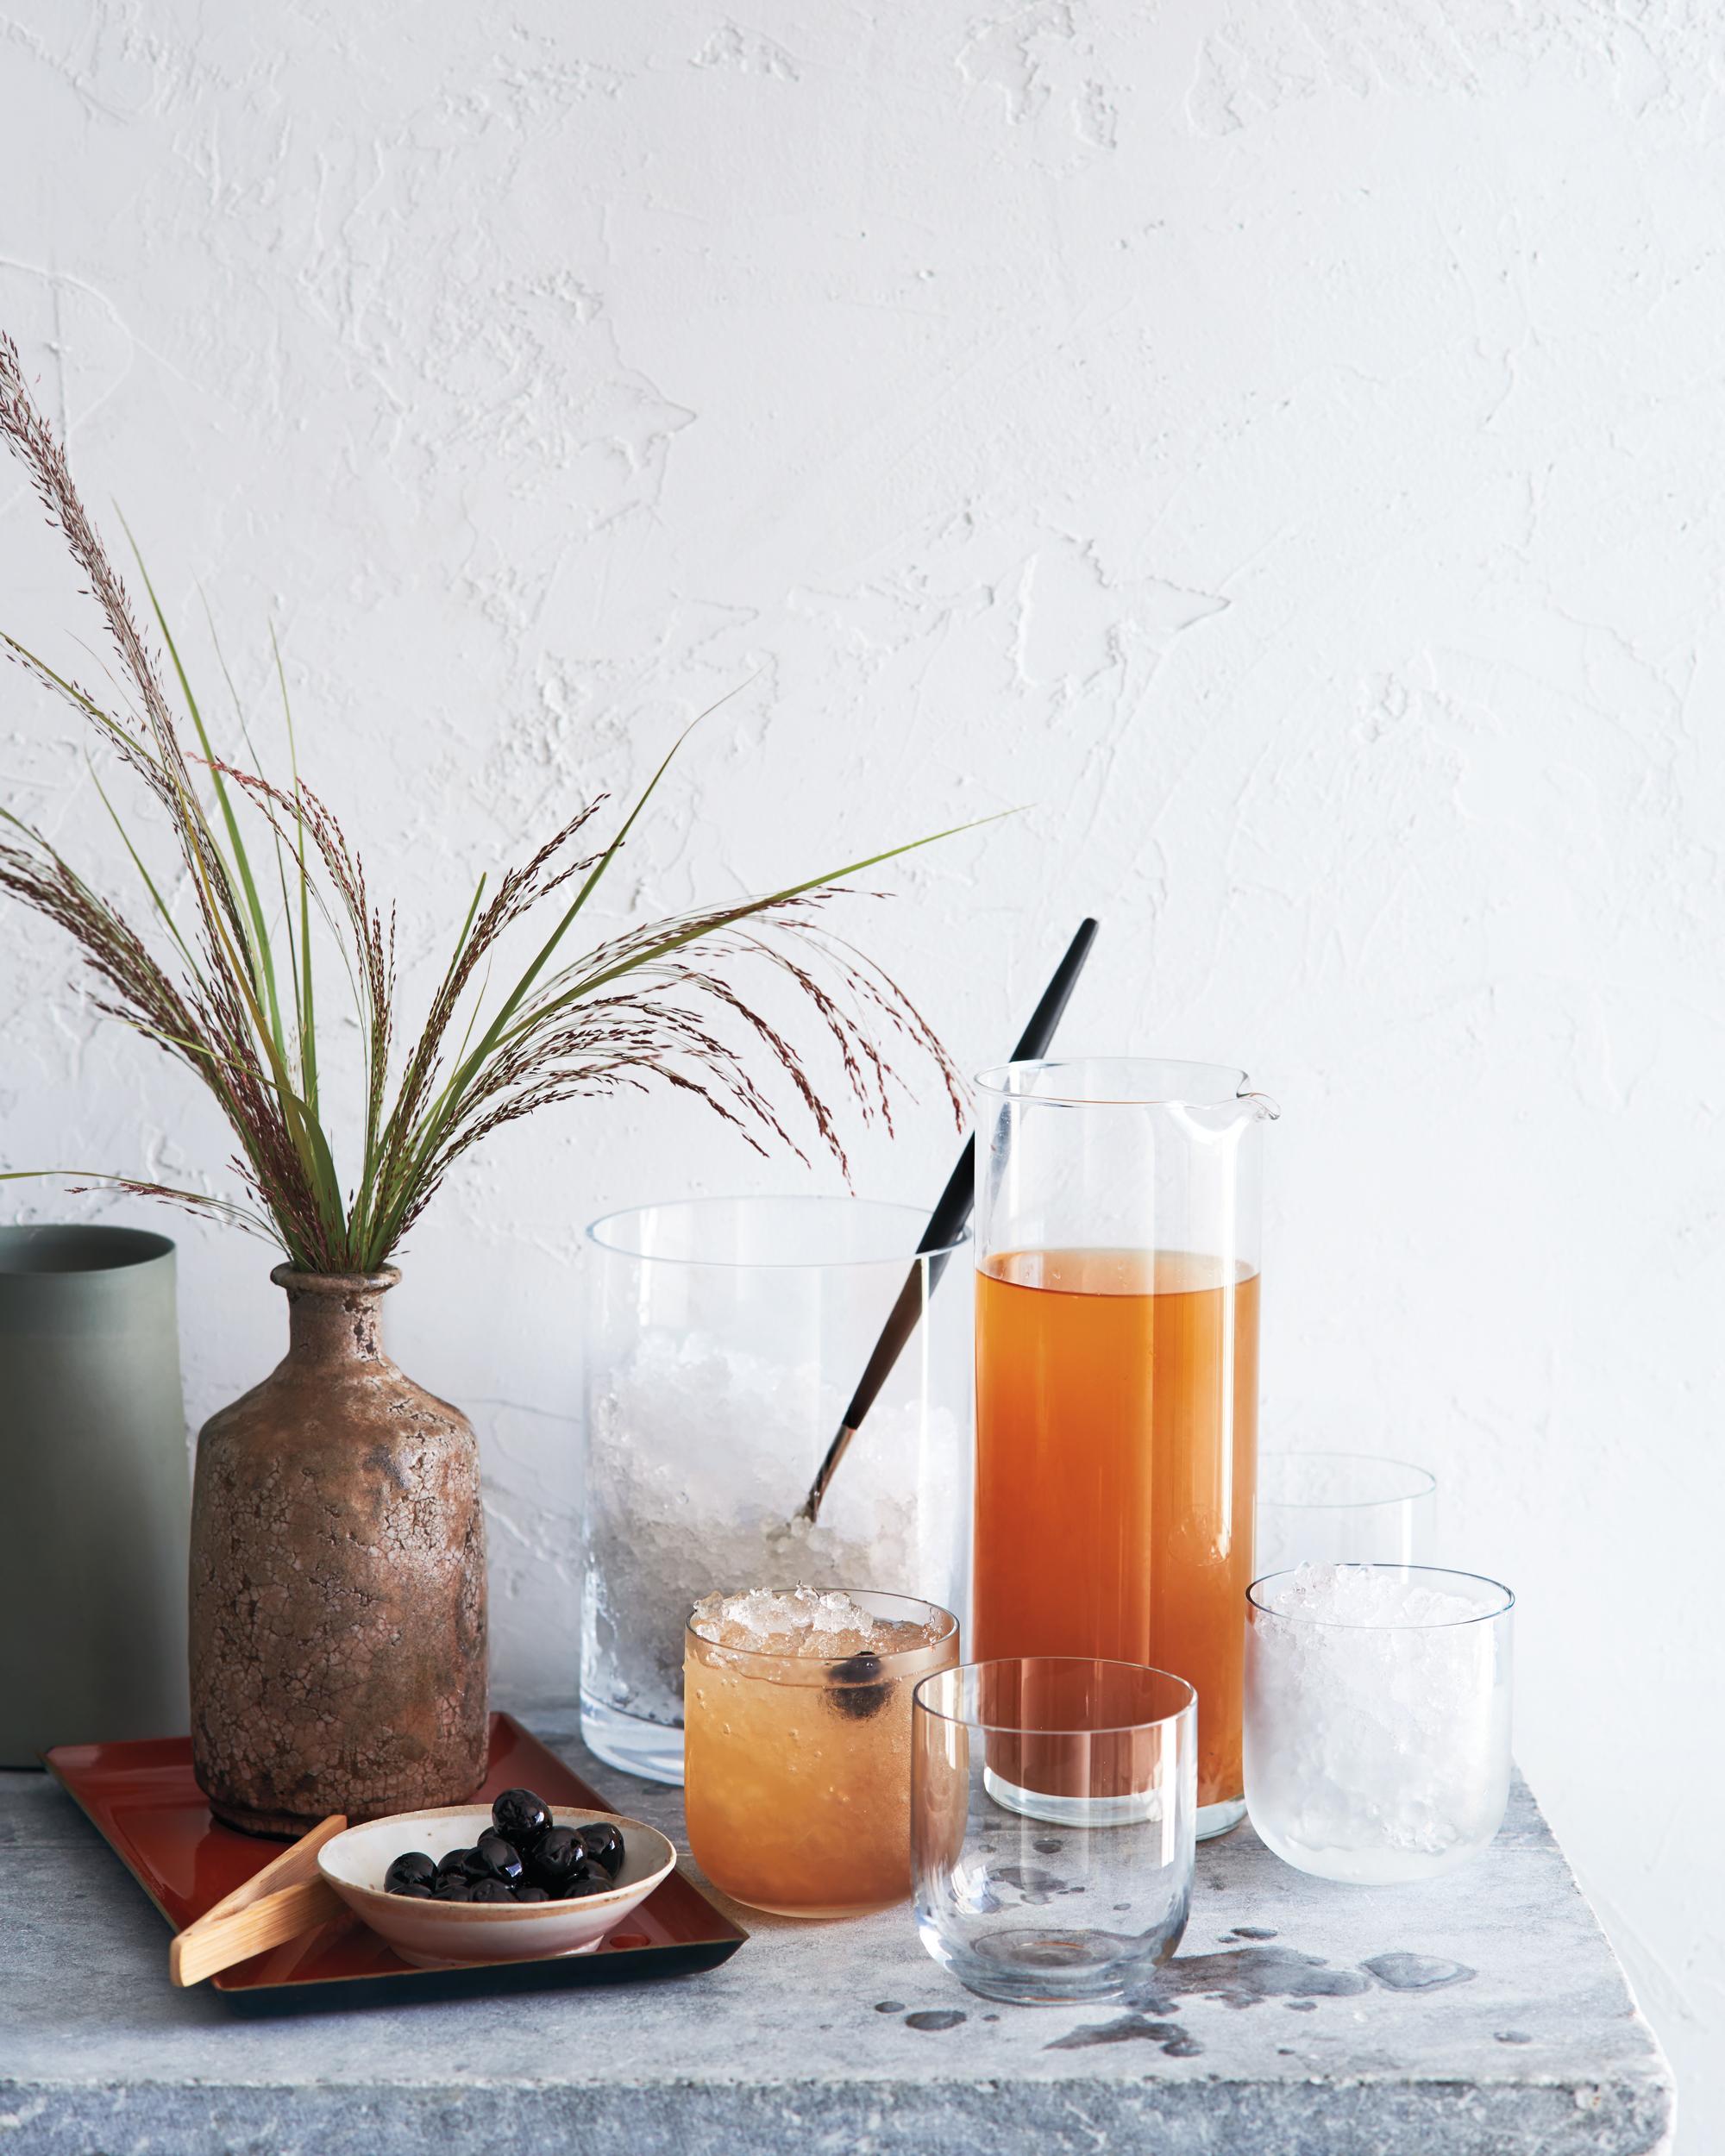 Msingle-shot-drinks-143-d111532.jpg